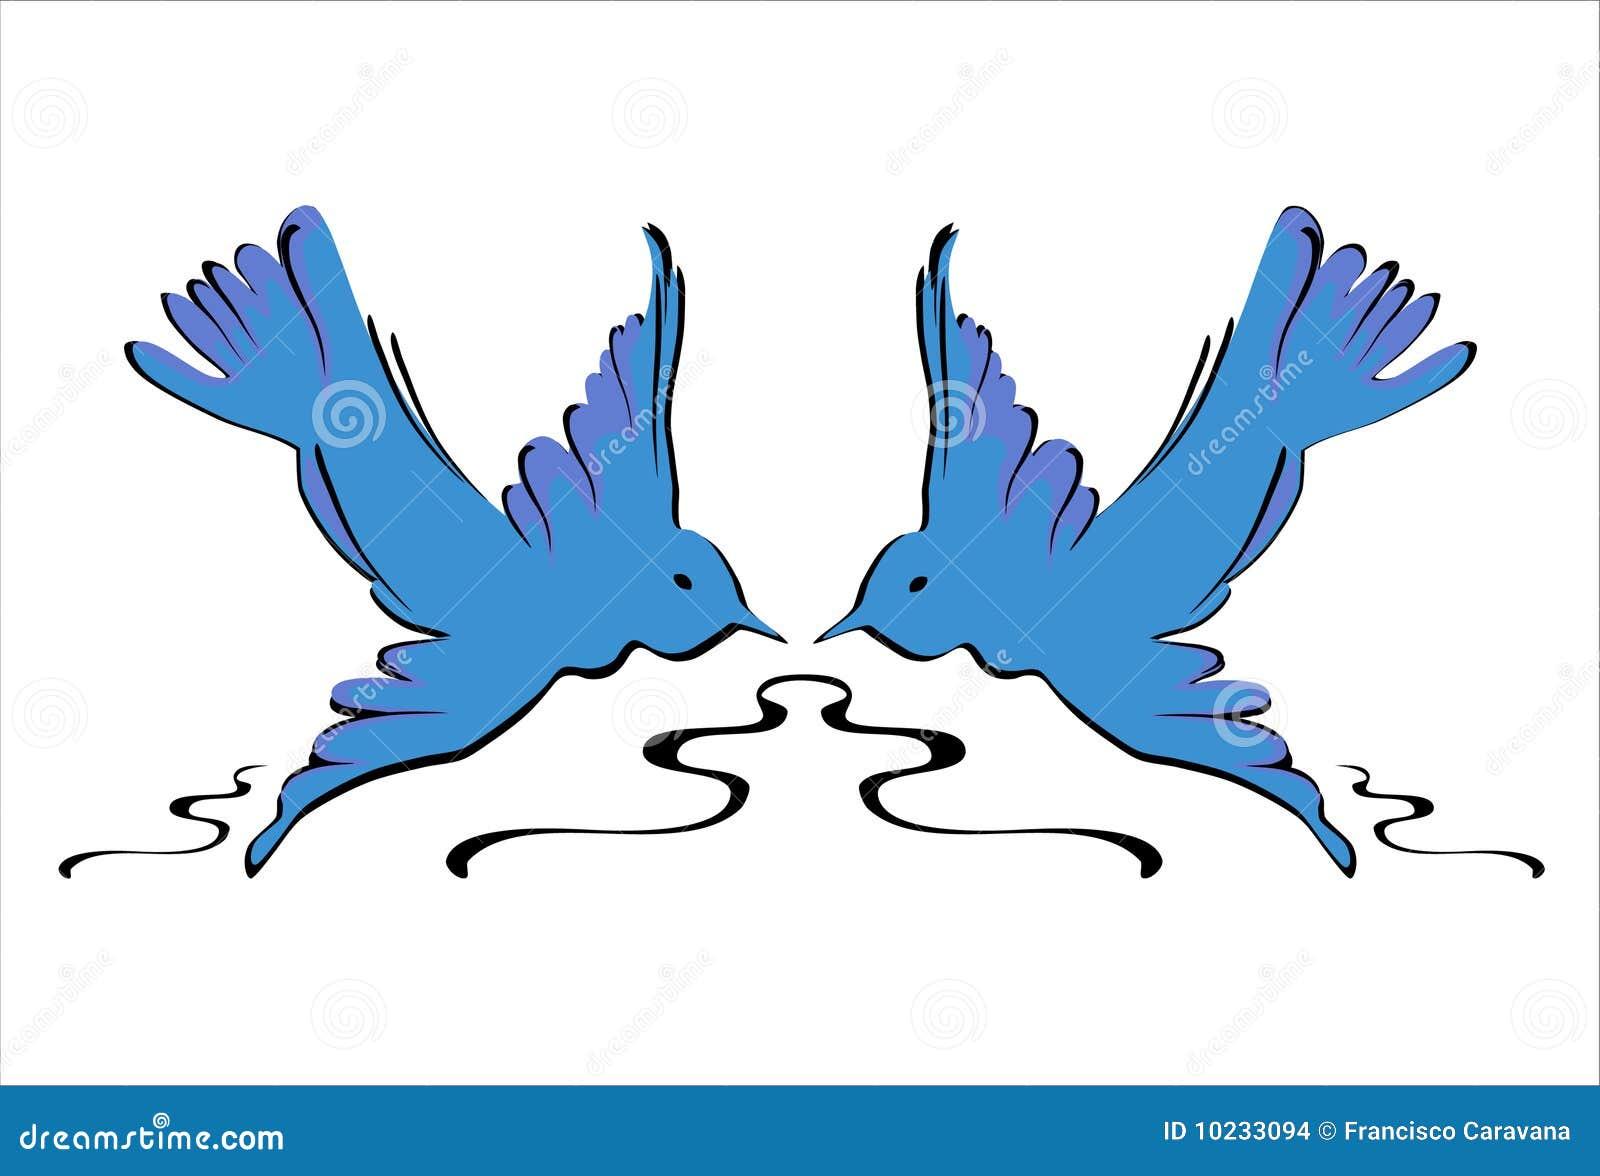 Blue Swallows - Vector